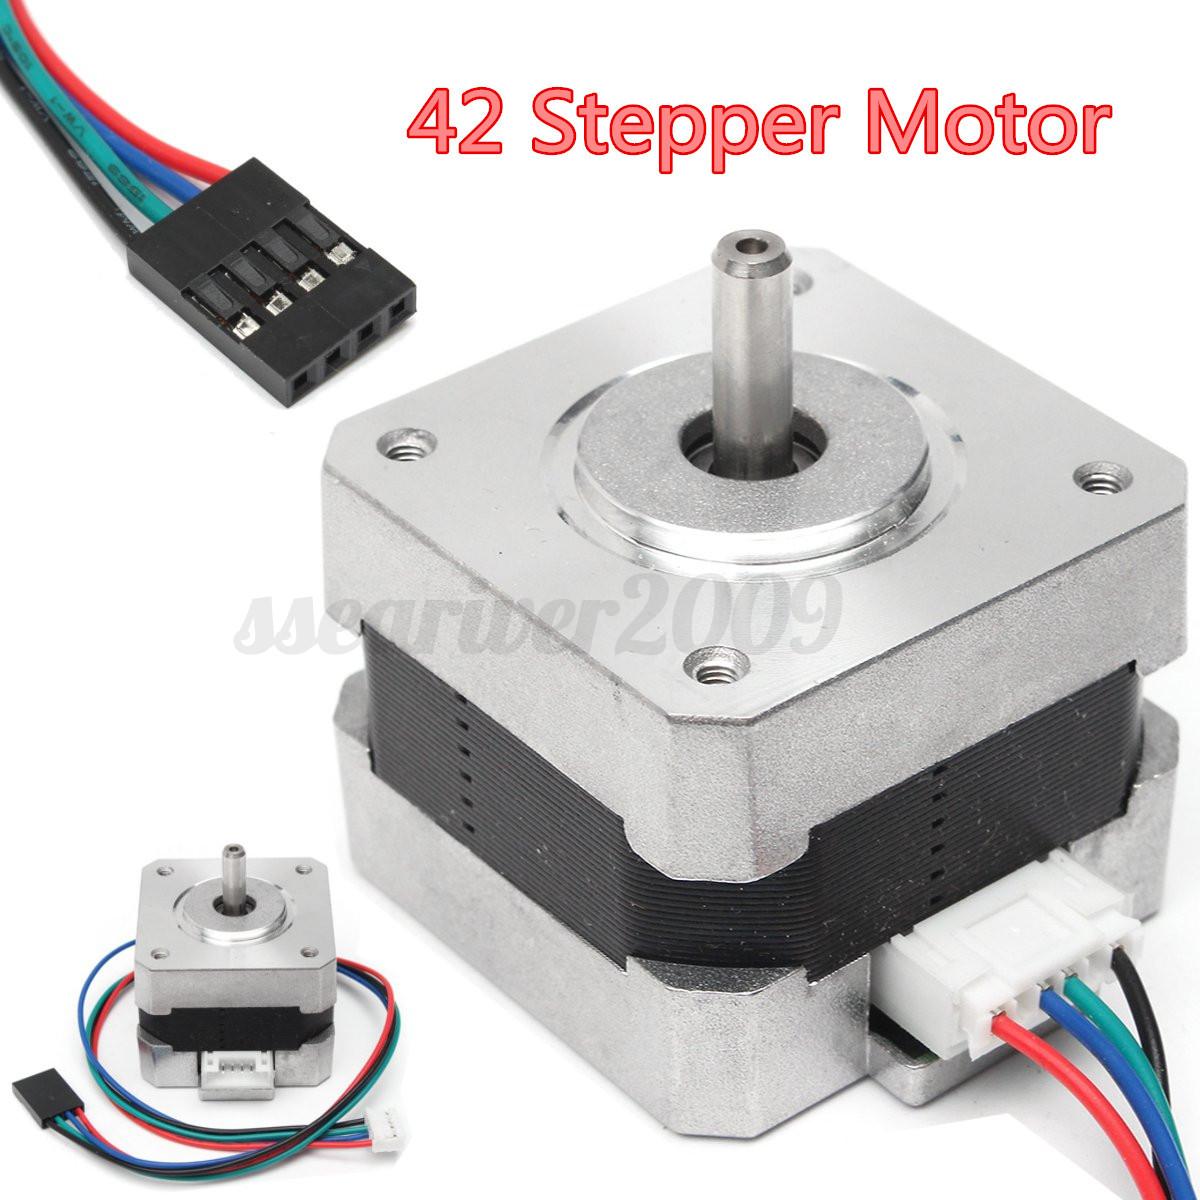 Nema17 shaft 42 stepper motor 500rpm for 5mm reprap cnc for Low rpm stepper motor